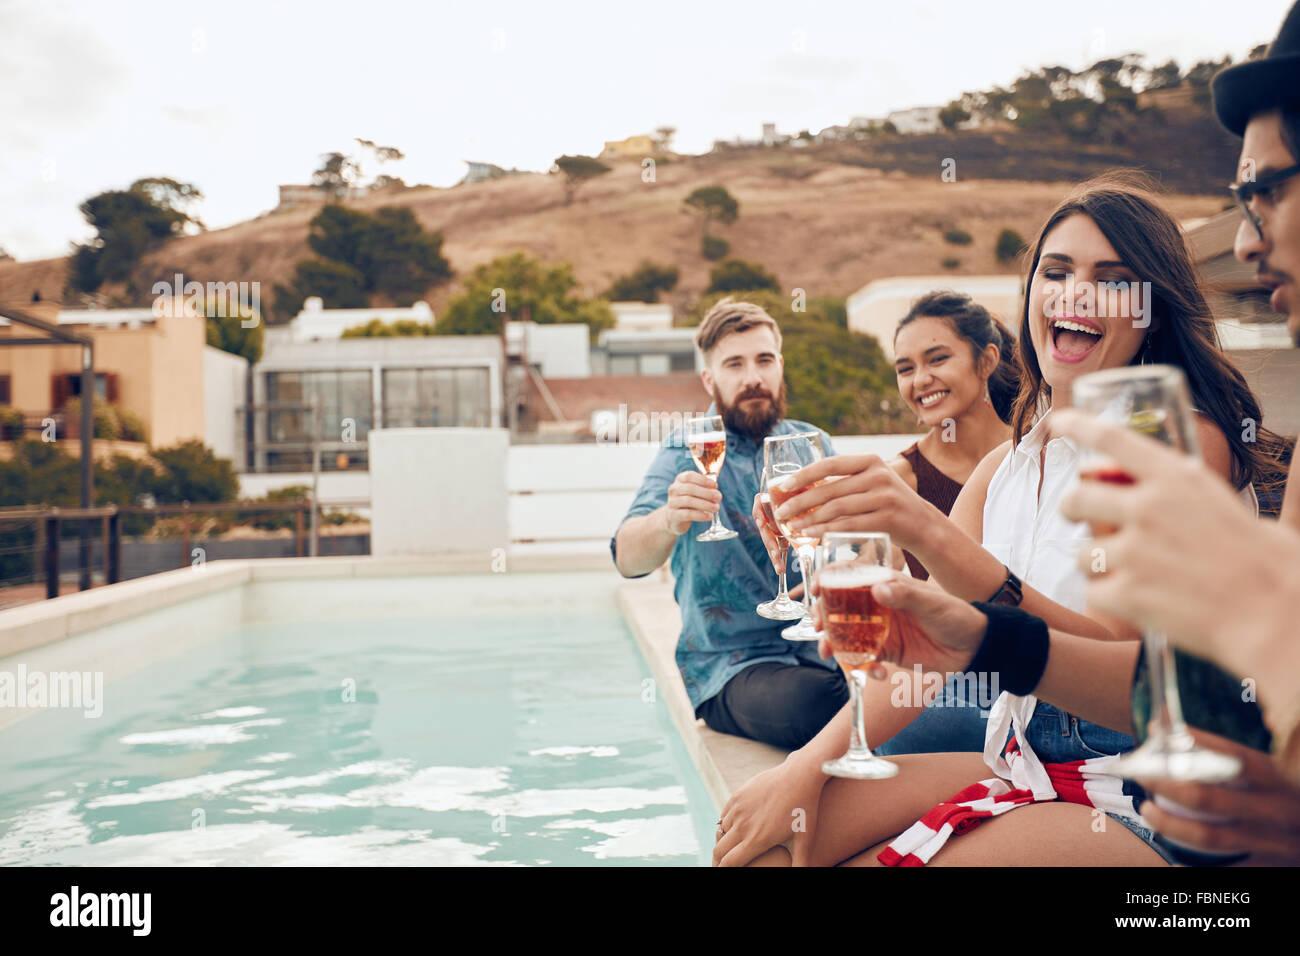 Disparó al aire libre de feliz grupo de jóvenes sentados en el borde de la piscina para beber vino. Amigos disfrutando multirracial y toas Foto de stock